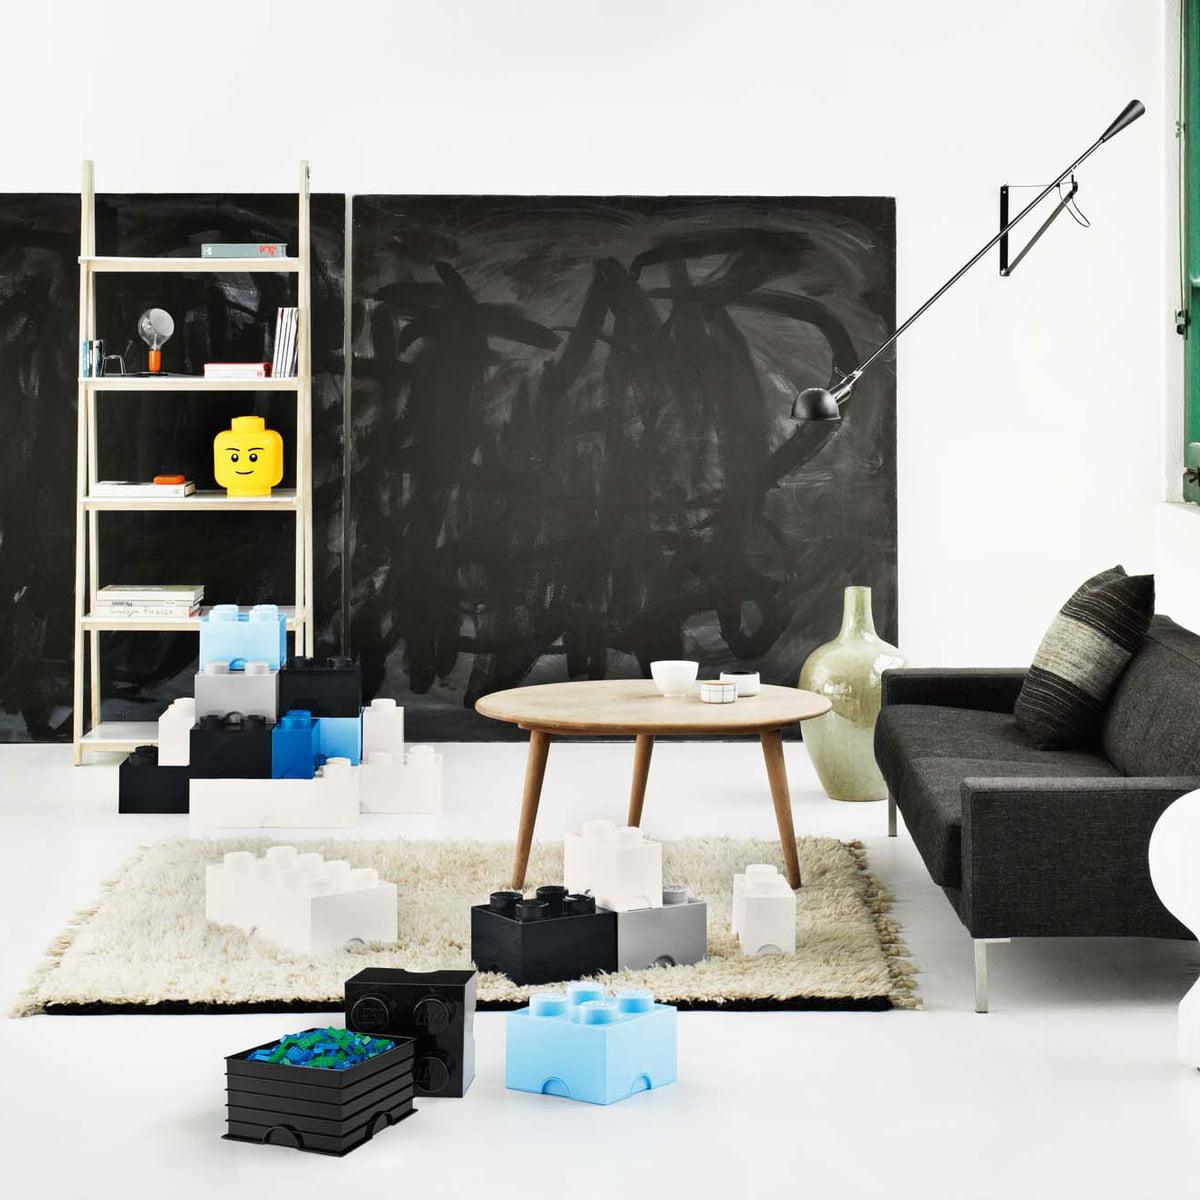 Storage Brick Aufbewahrungsboxen Von Lego